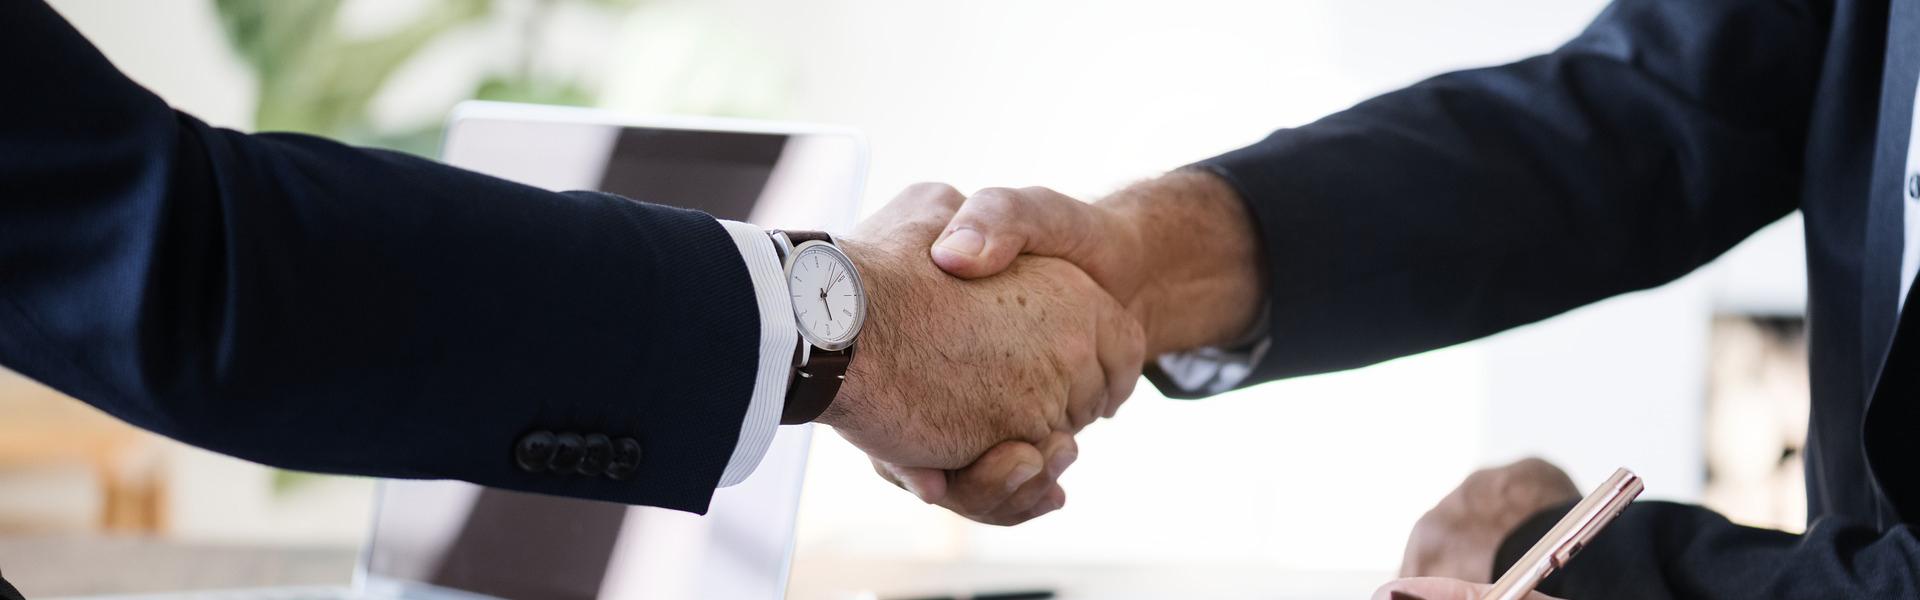 Satış Ortağımız Olabilirsiniz